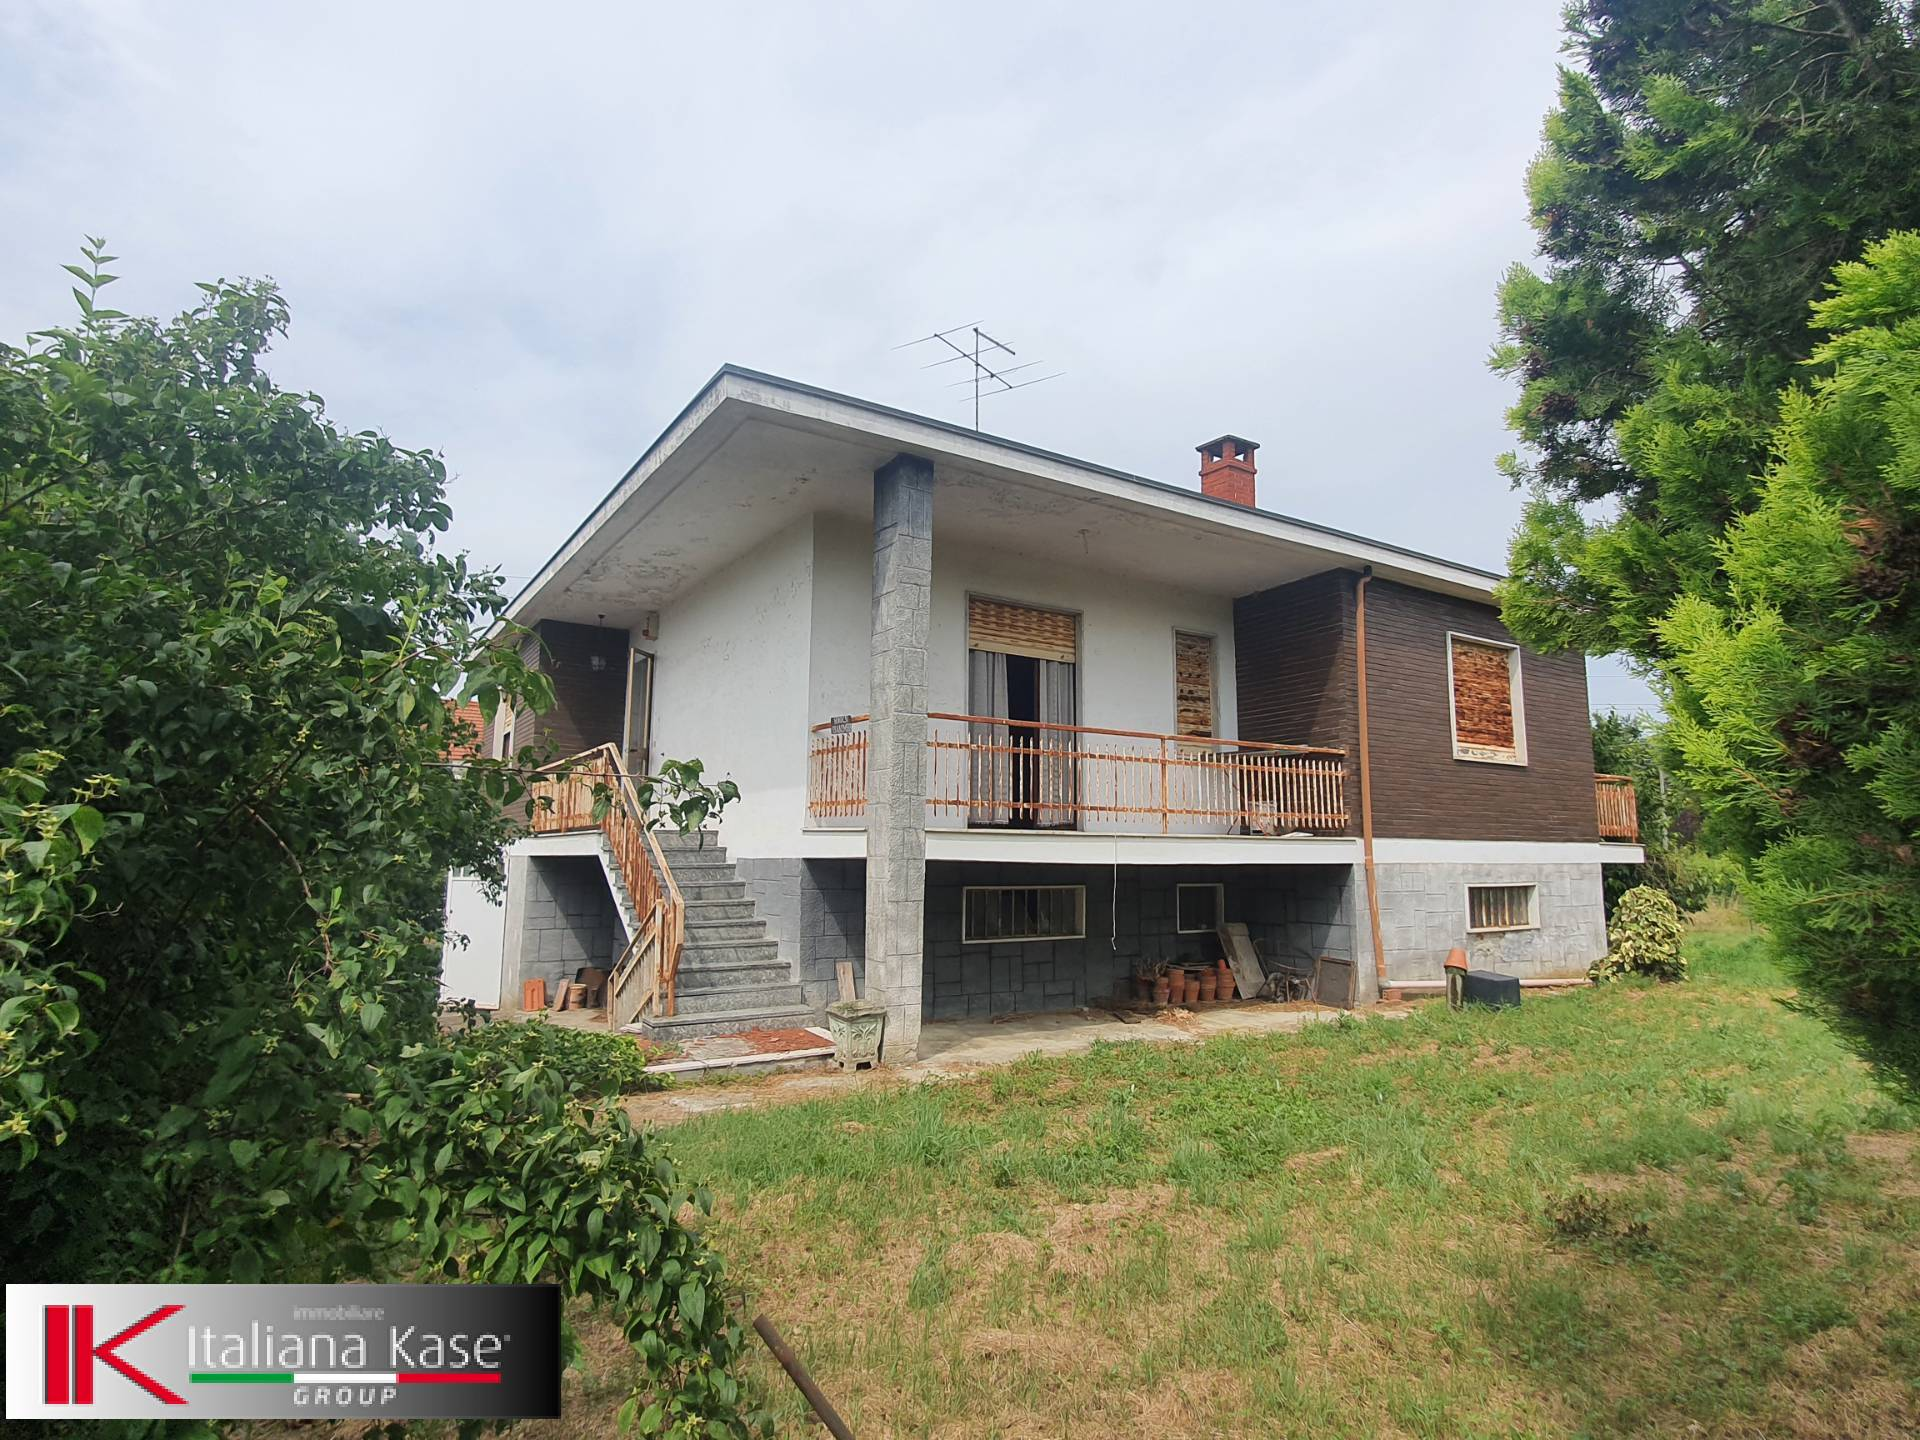 Villa in vendita a Monteu da Po, 6 locali, prezzo € 148.000 | CambioCasa.it